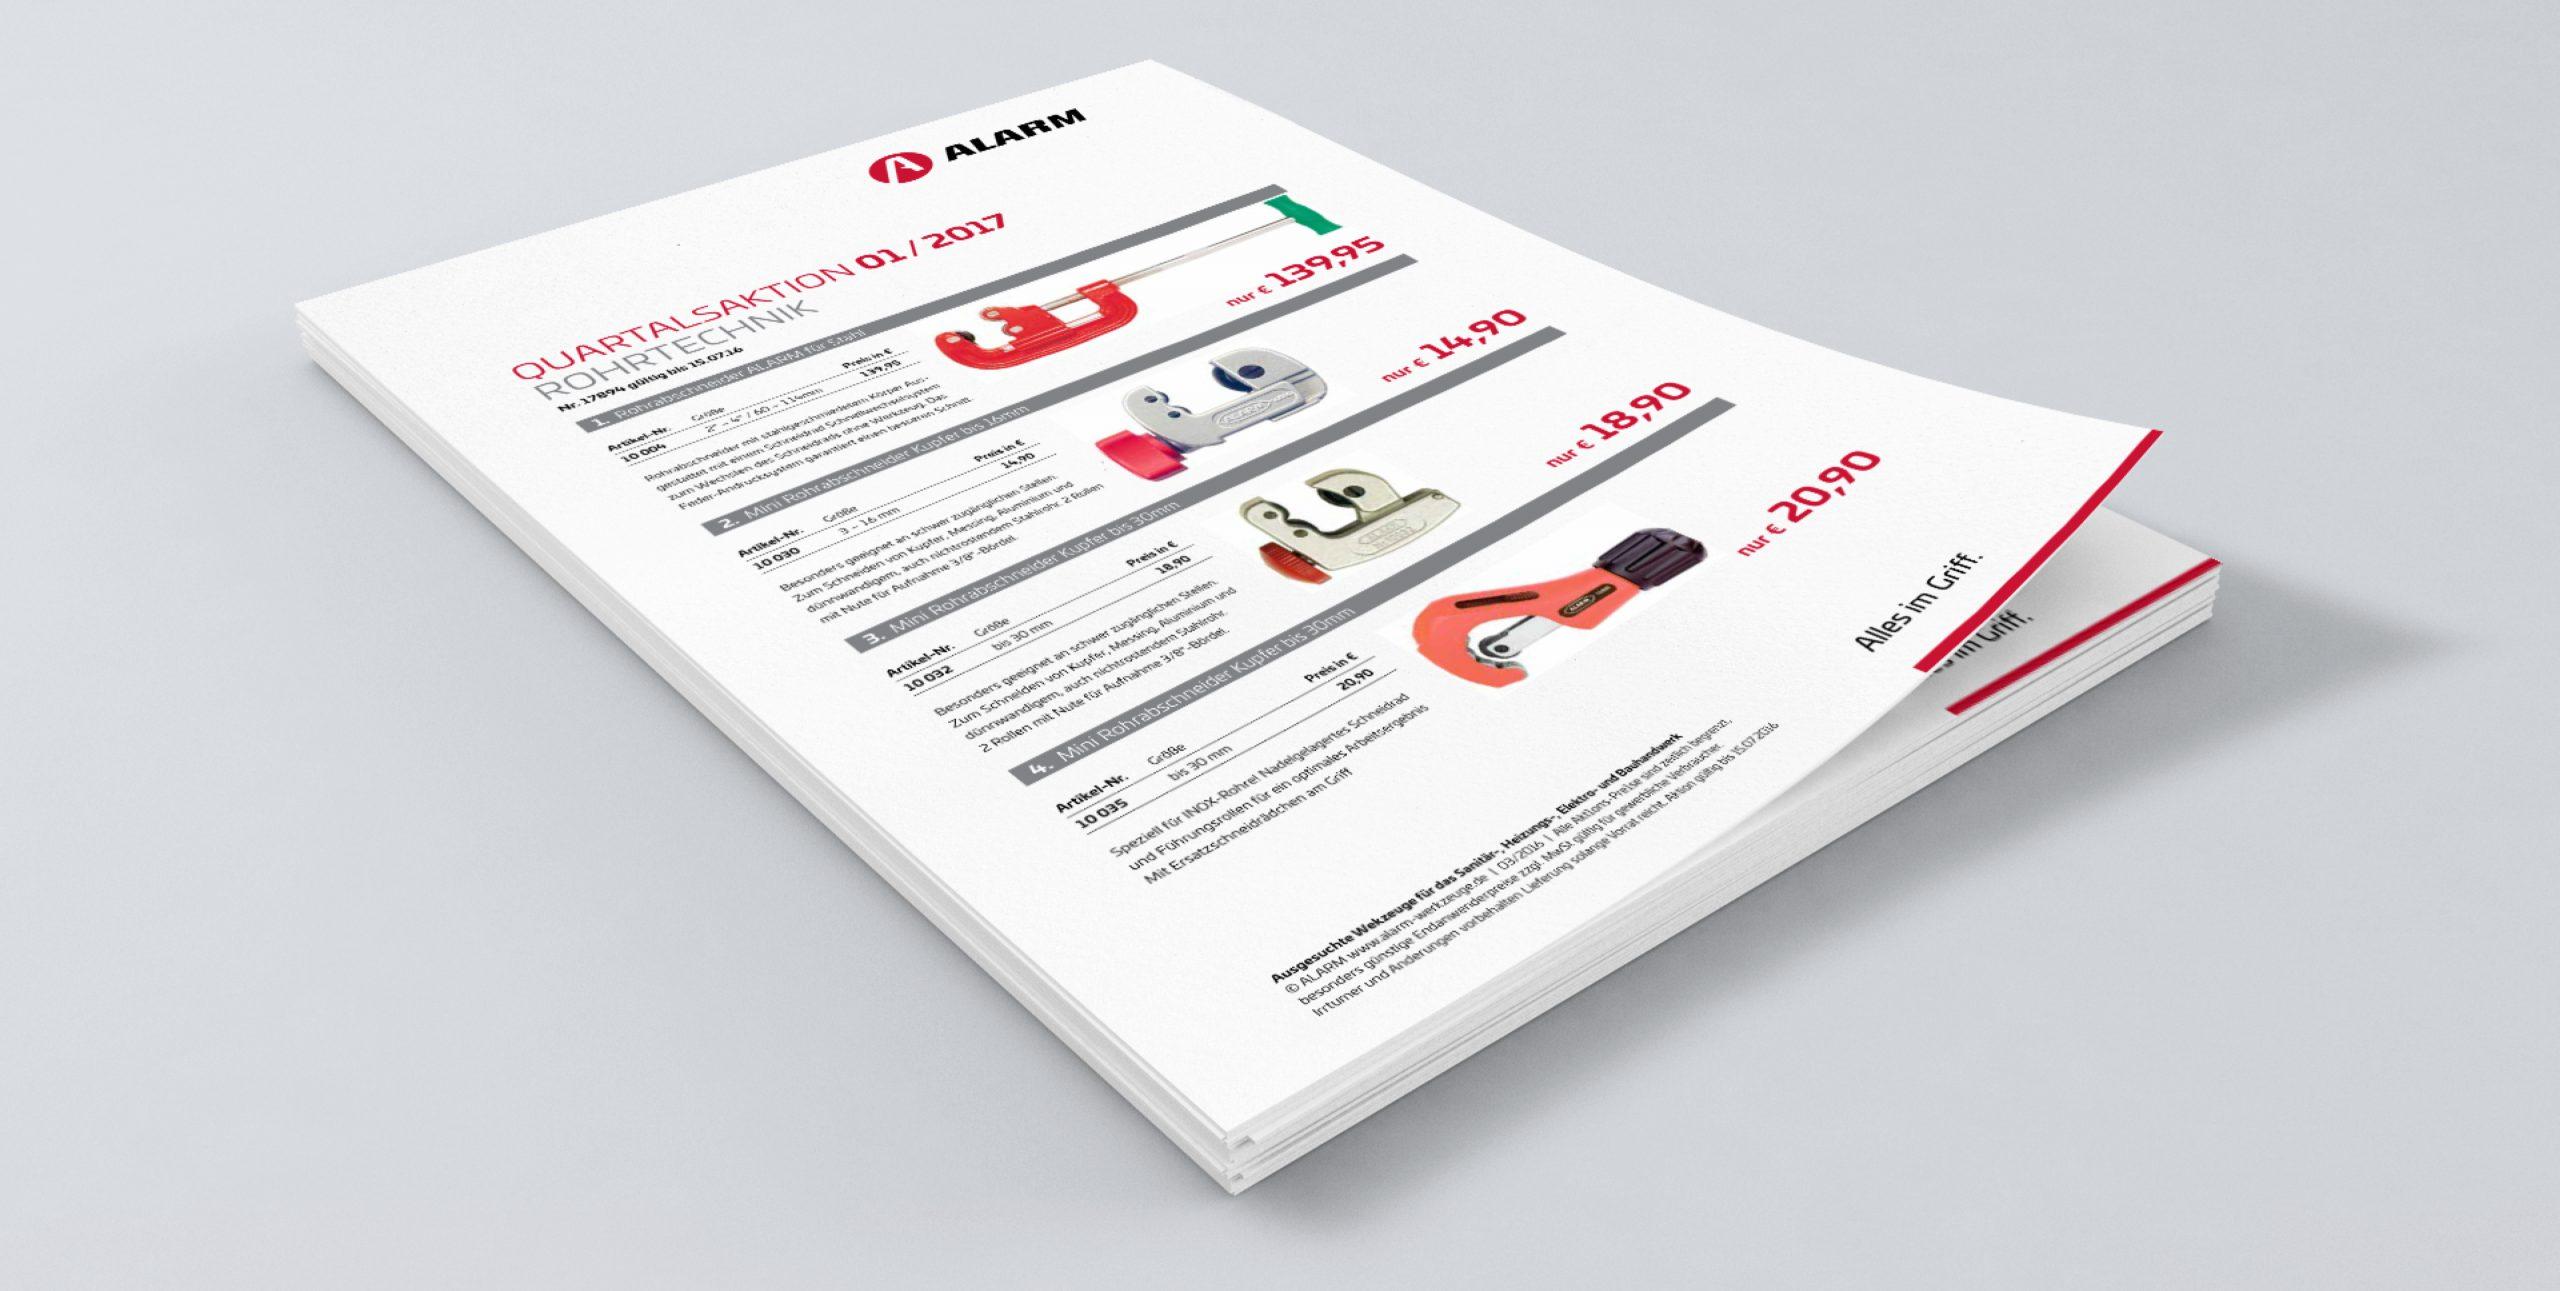 Alarm Werkzeuge: Corporate Design von Bosbach, Aktionsflyer